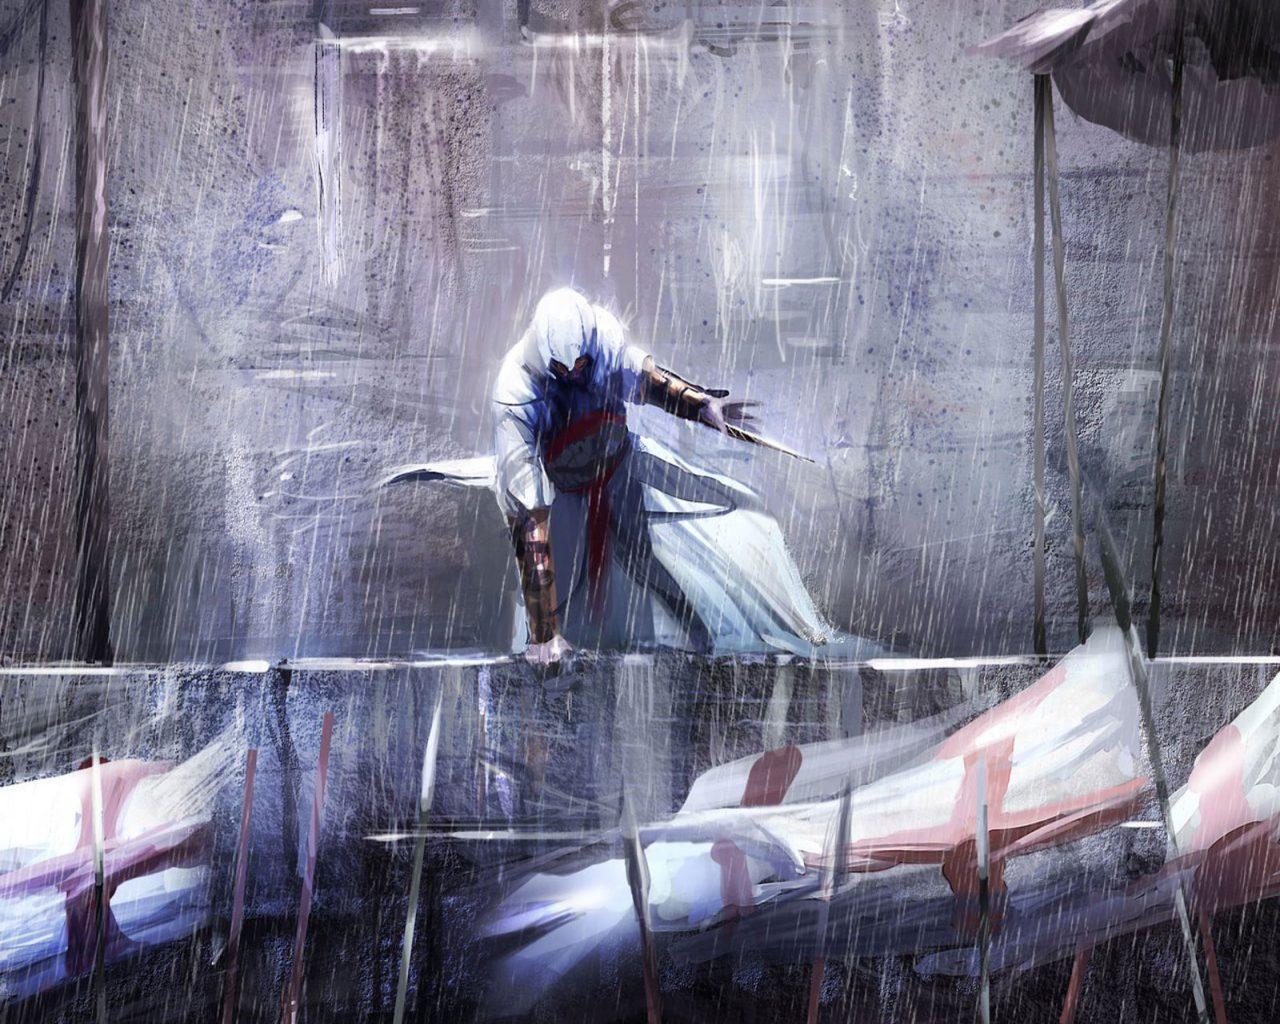 wallpaper de Assassins Creed 2 a 1280x1024 Fotos e imagenes de 1280x1024